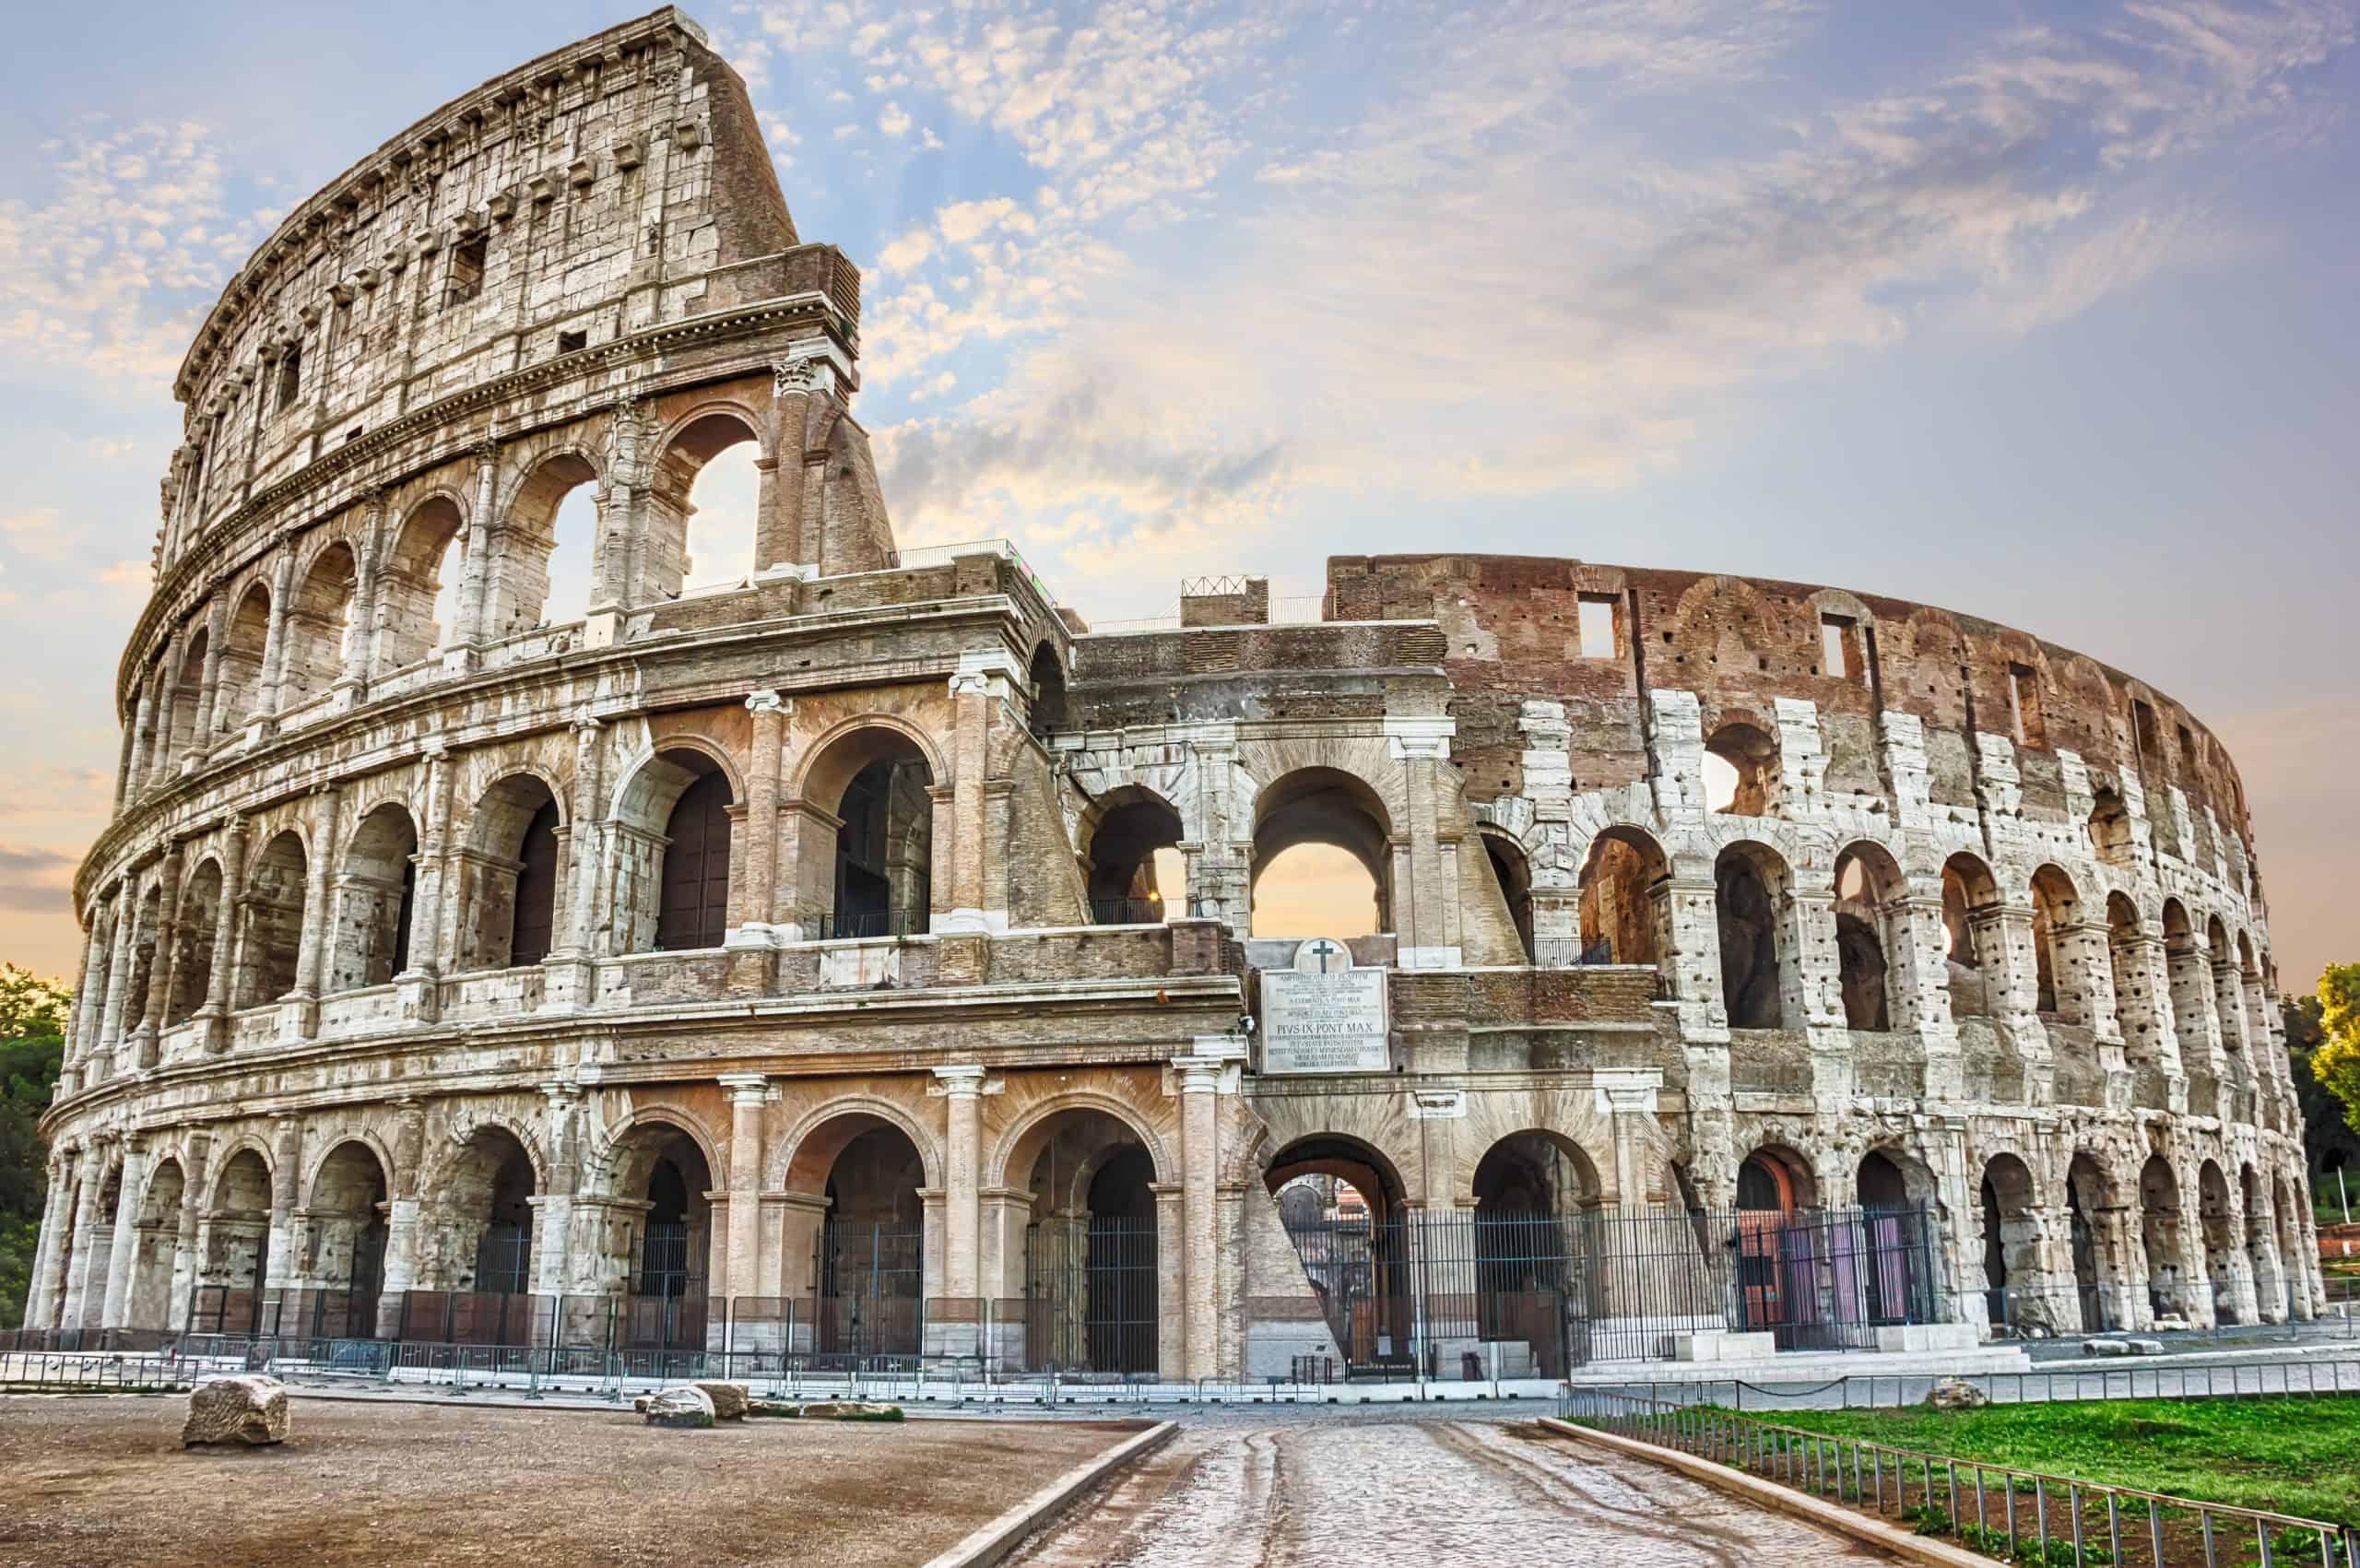 Det verdensberømte, antikke Colosseum i Rom